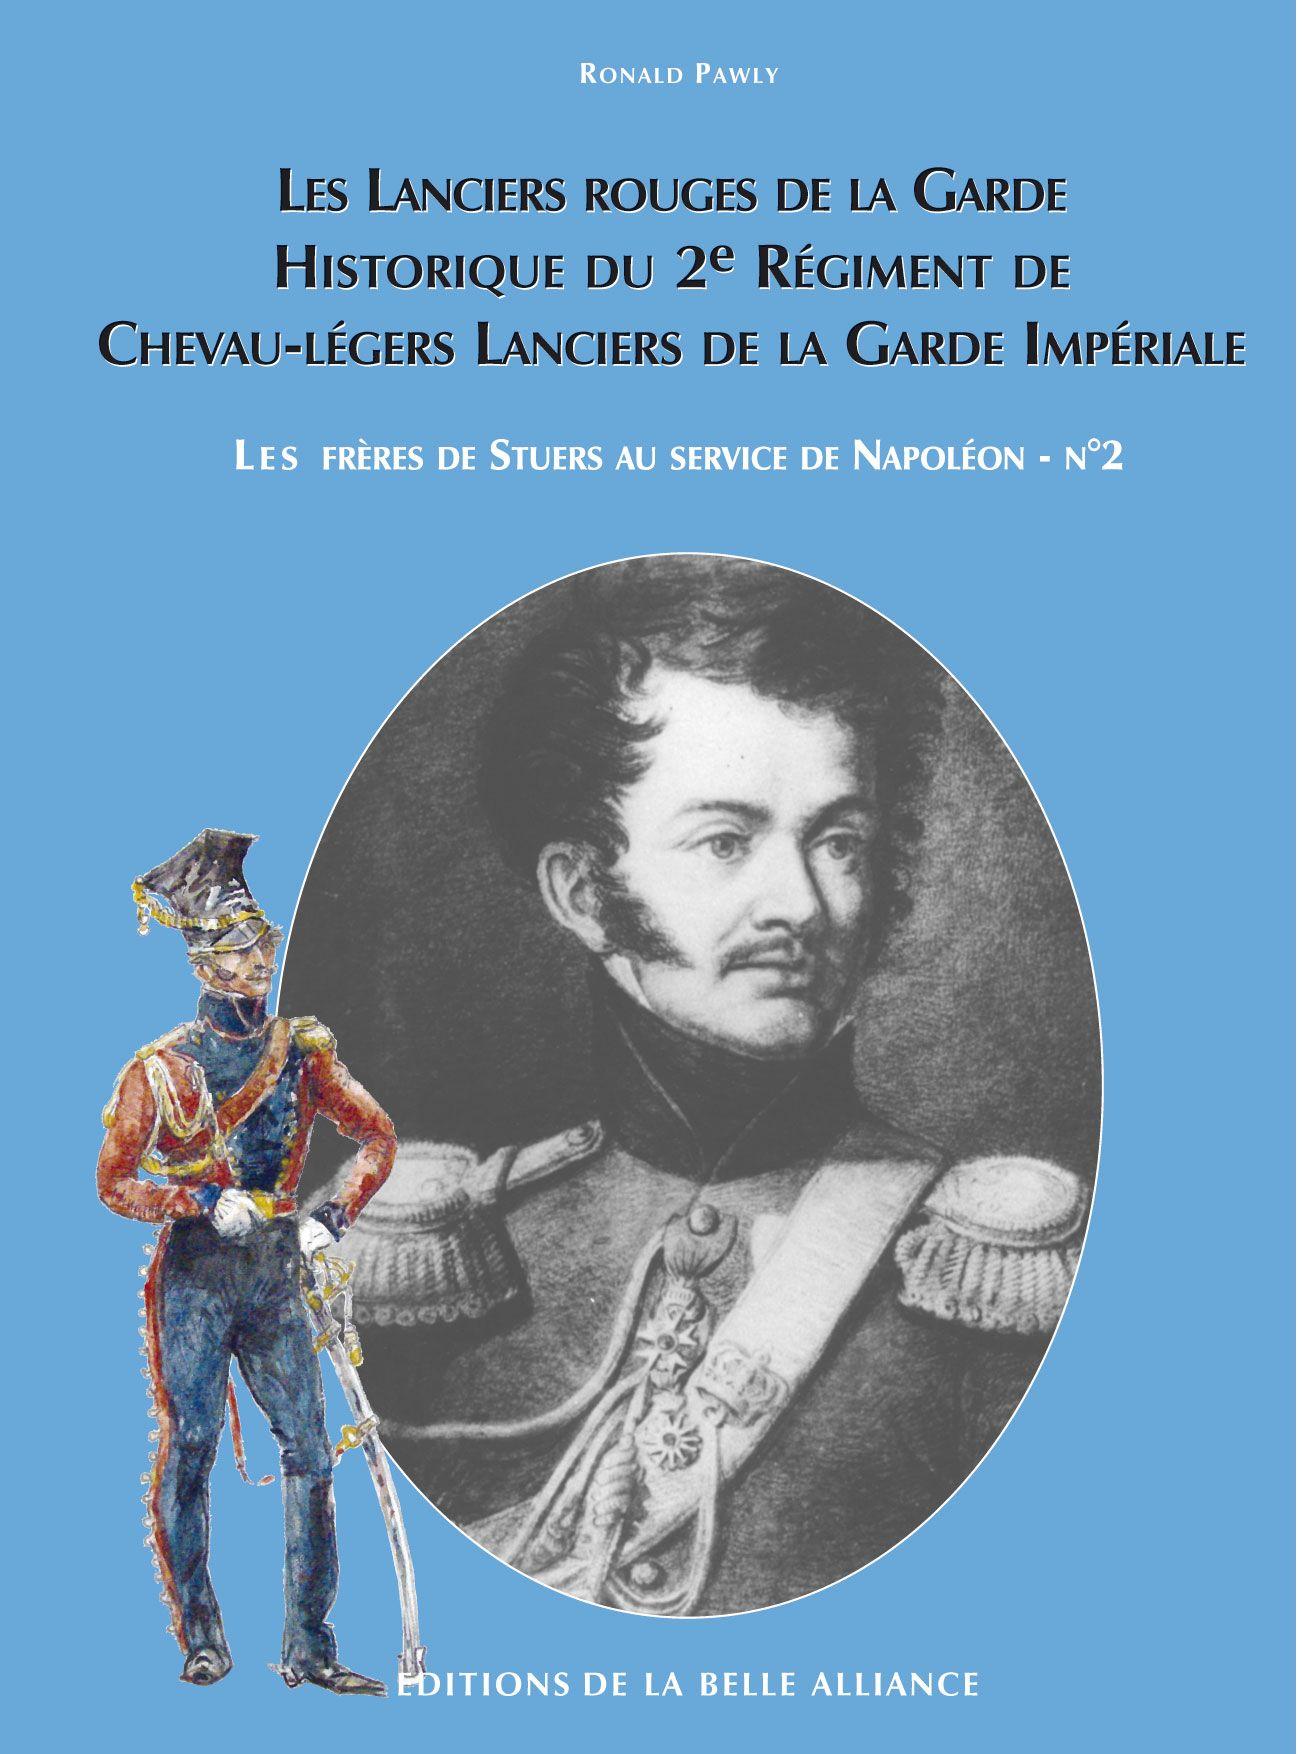 Tondeur editions demande duabonnement st and e polish light